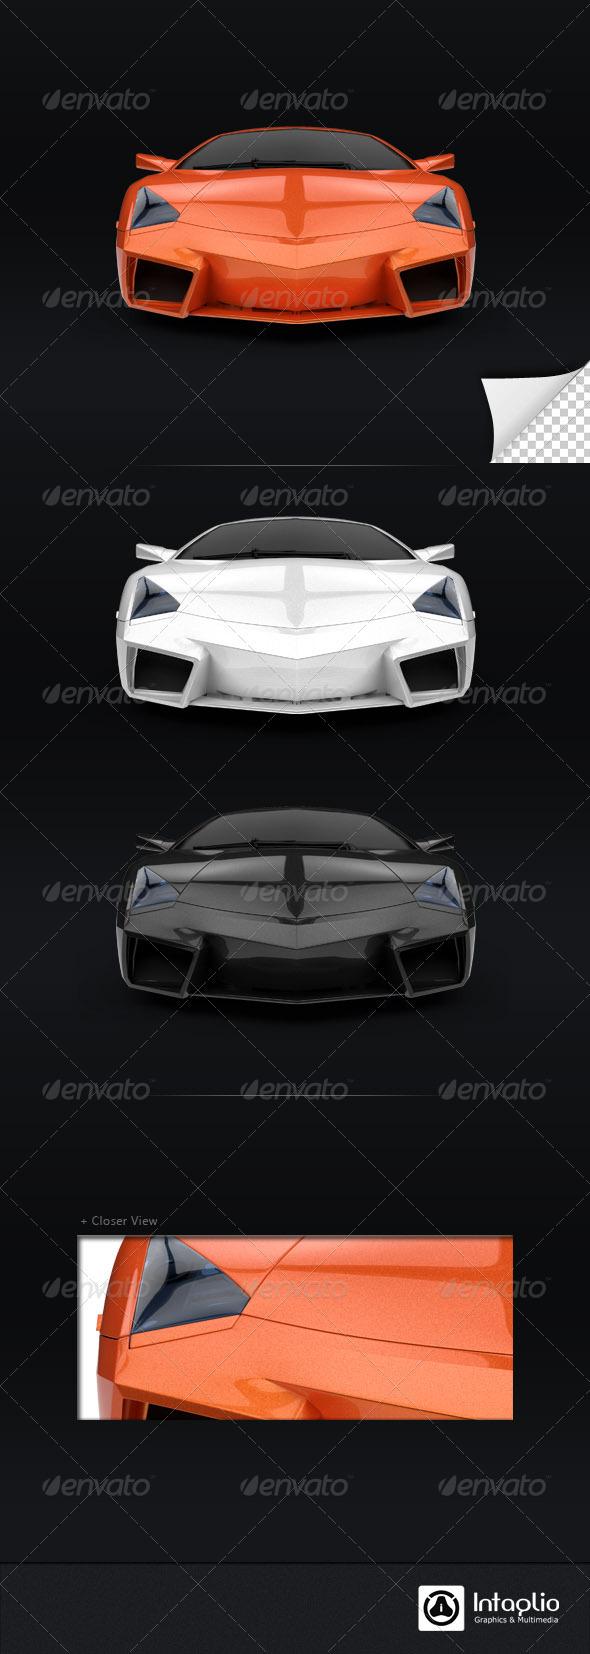 GraphicRiver Orange Car 3D Render 002 1533618